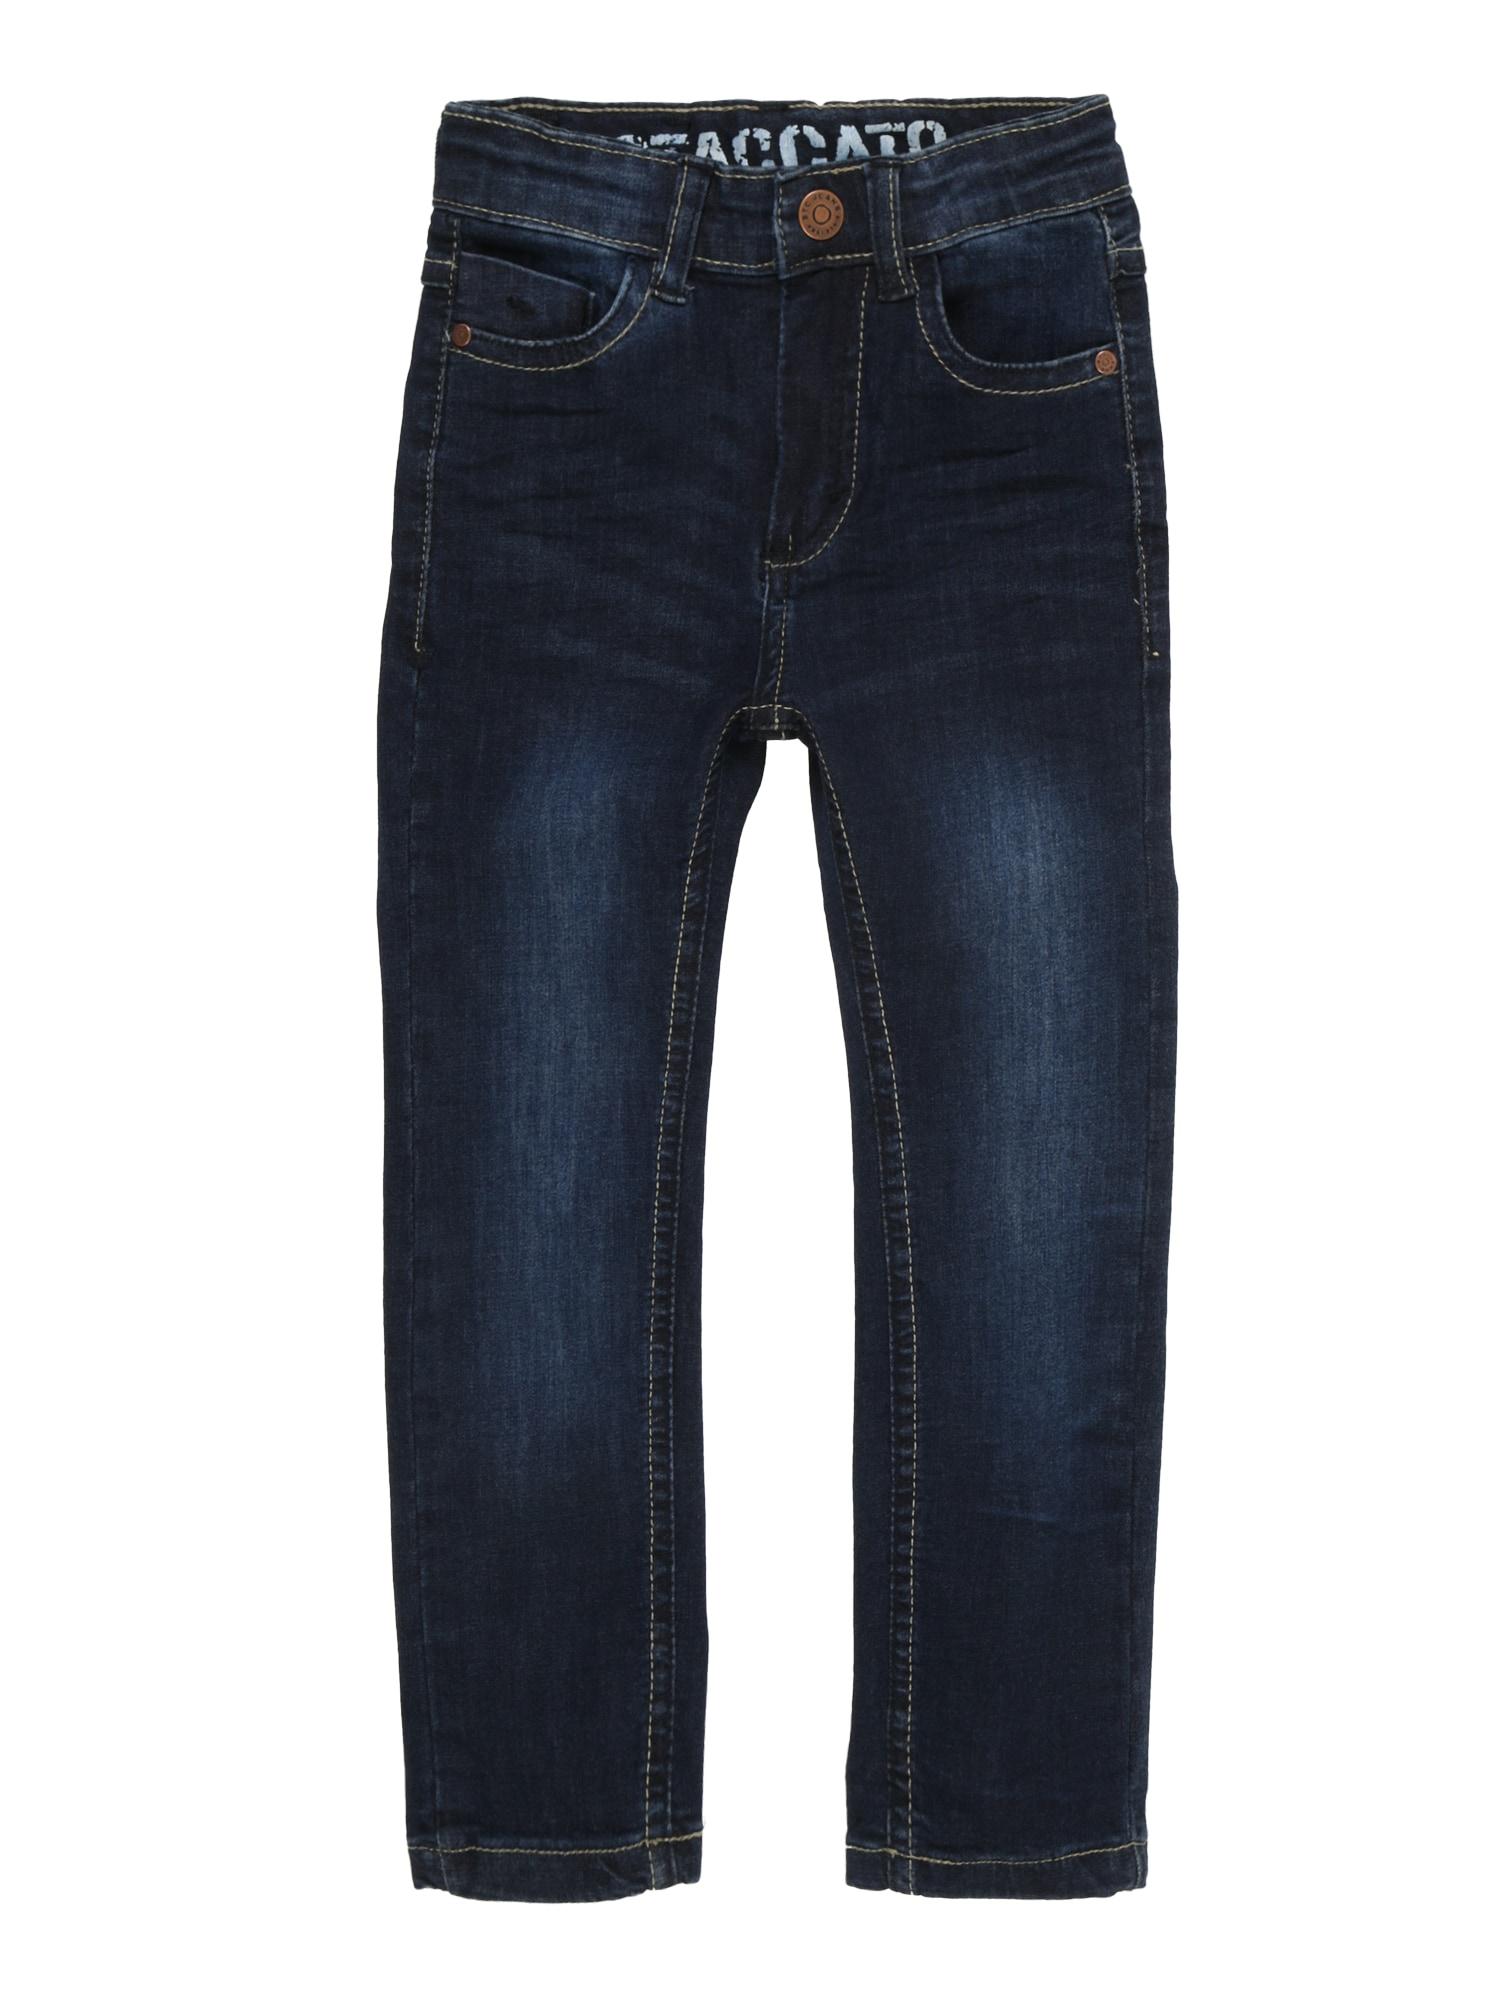 Džíny Kn.-Jeans Skinny modrá džínovina STACCATO